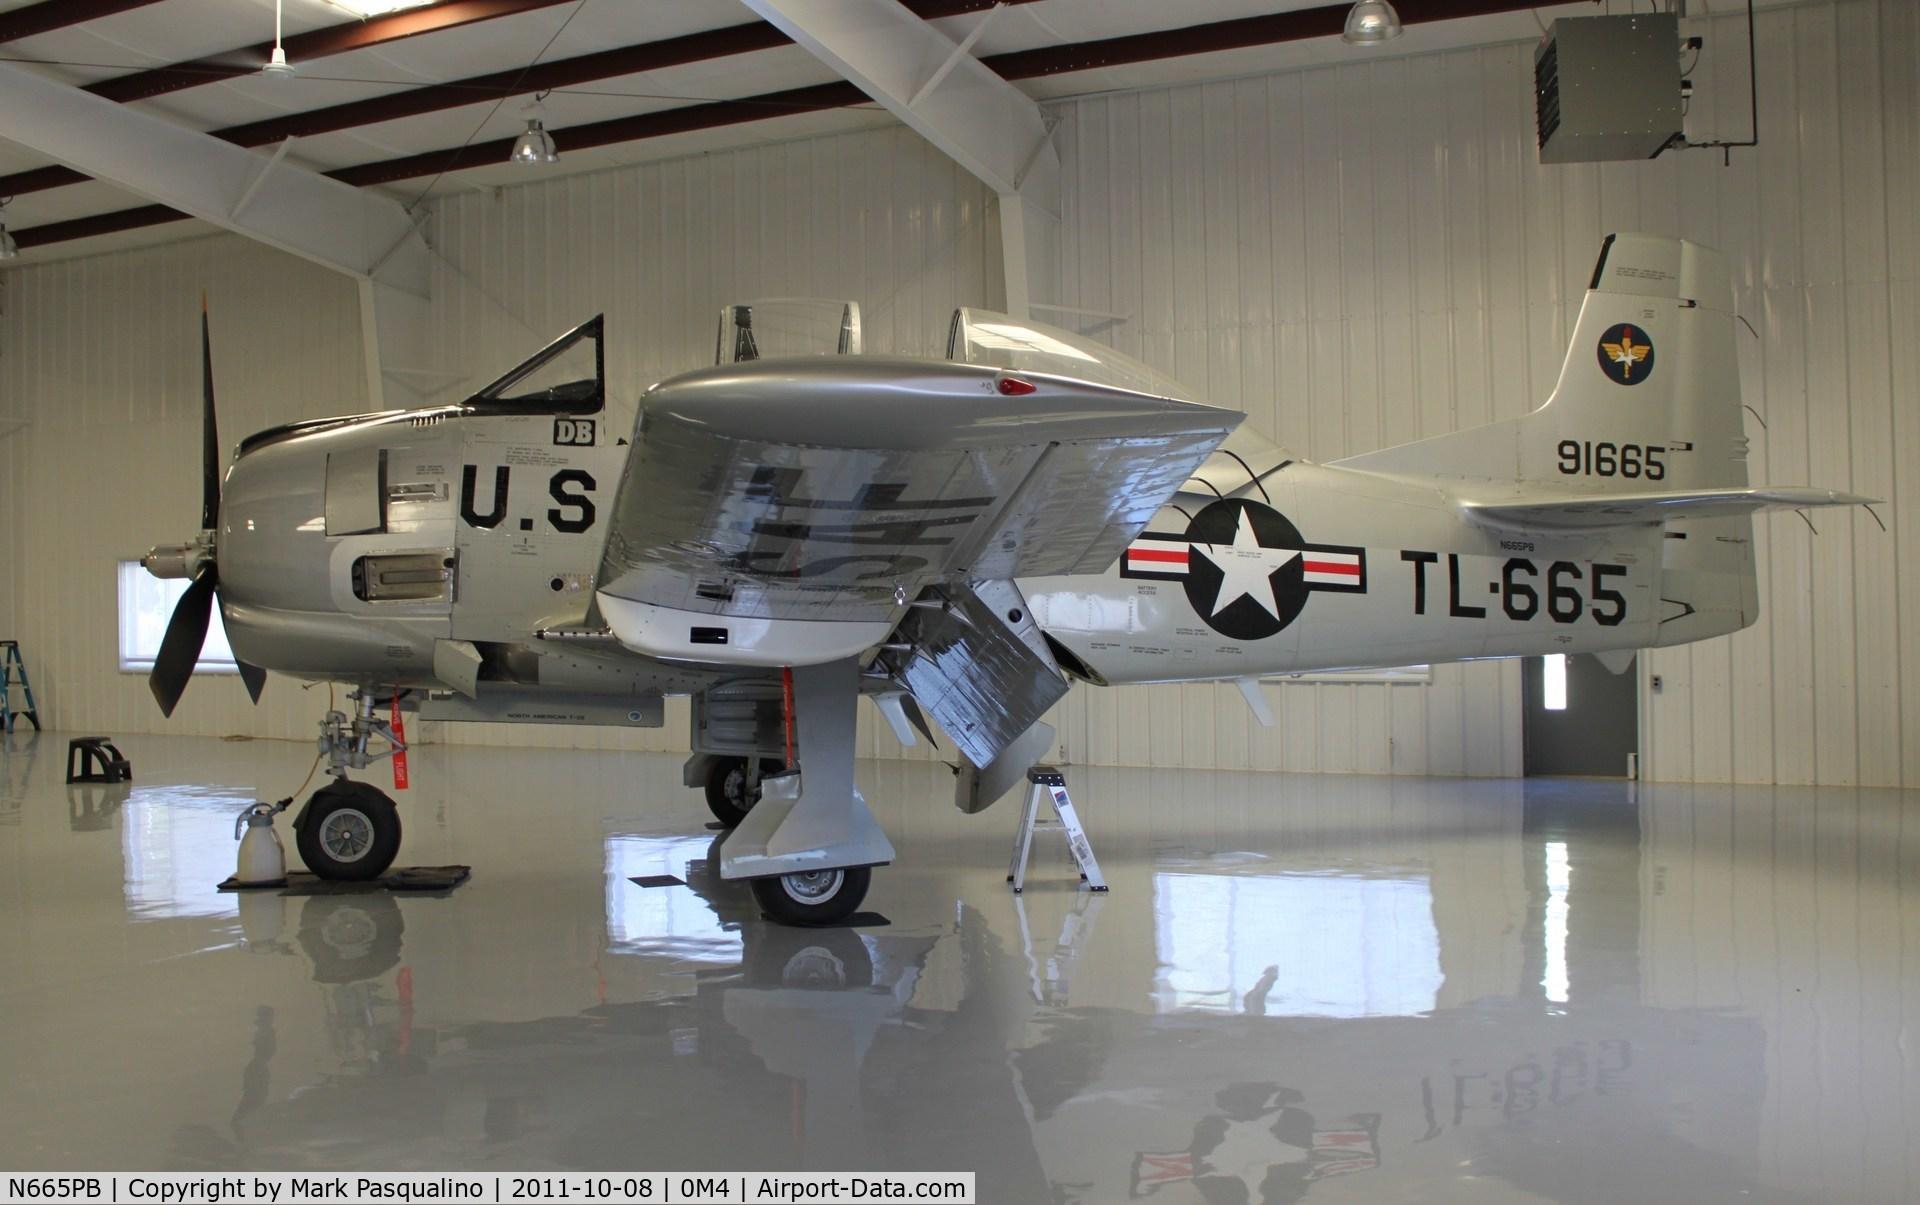 N665PB, 1949 North American T-28A C/N 49-1665, North American T-28A